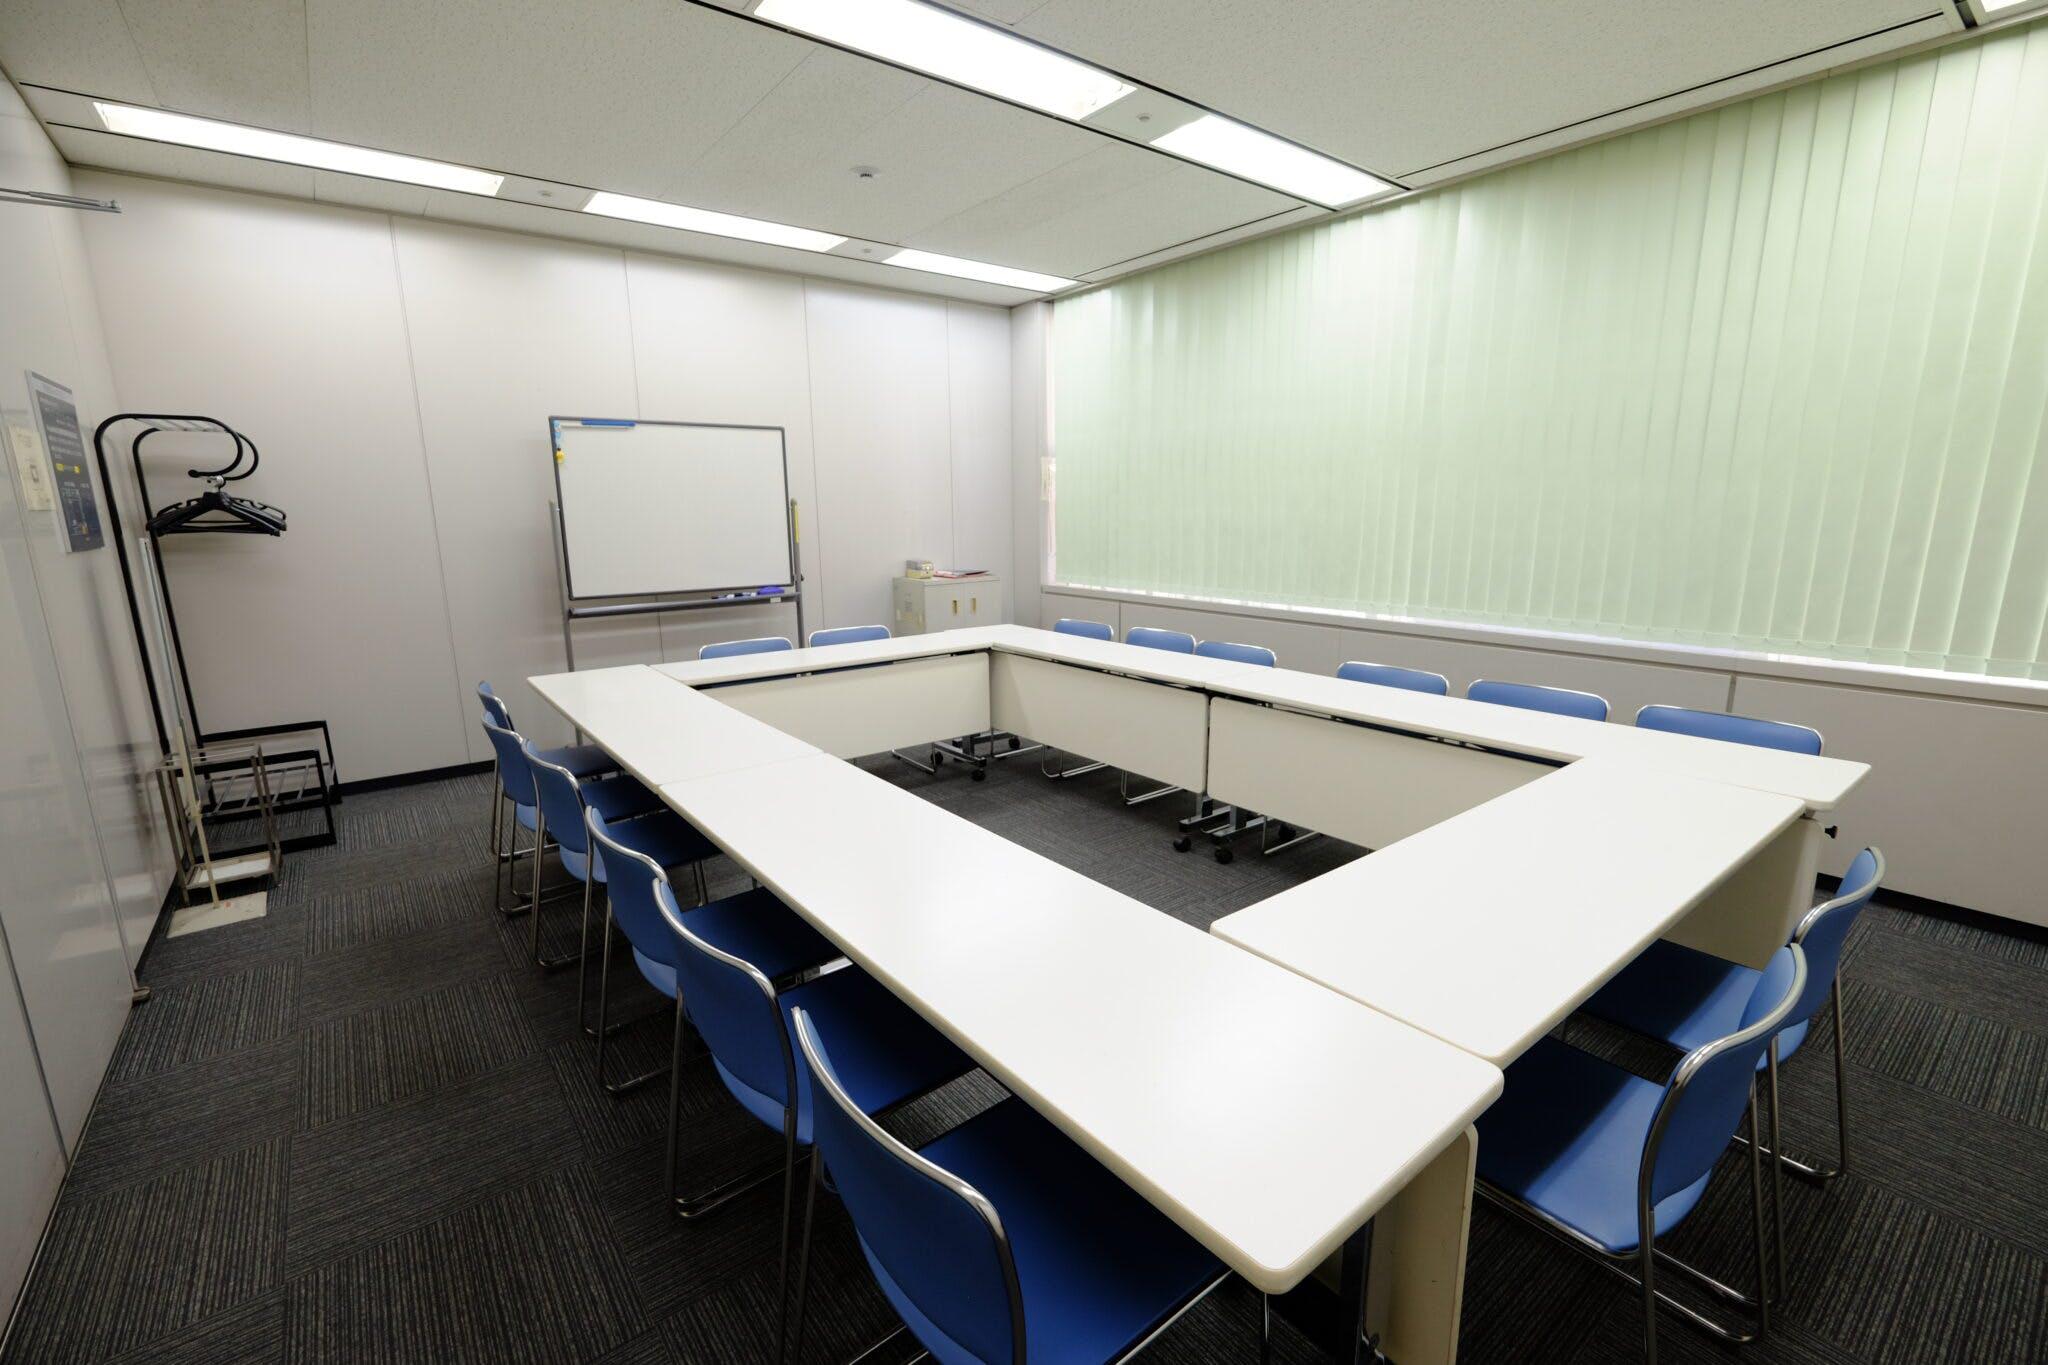 301~304会議室 1室のみ(たづくり3階)